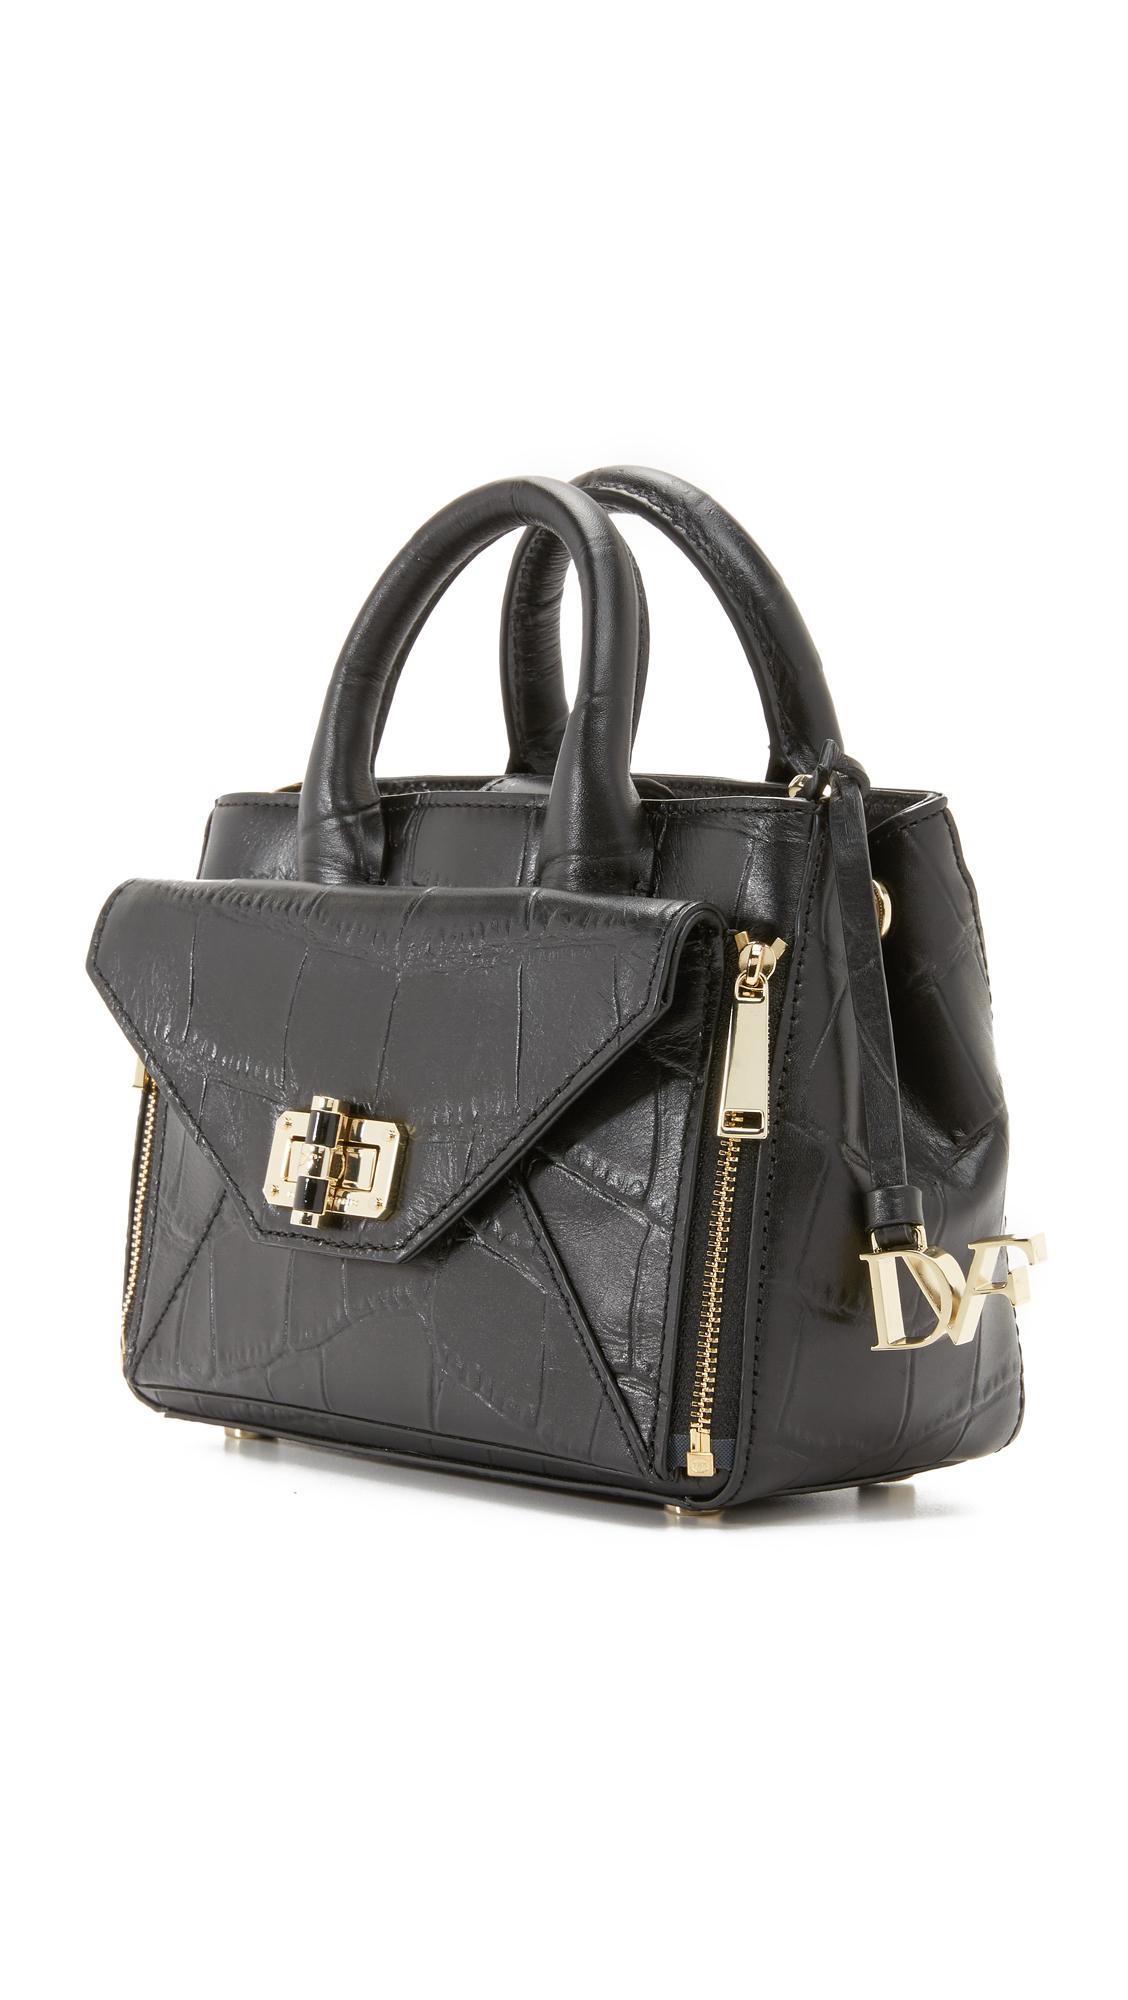 27909fe328 Lyst - Diane von Furstenberg 440 Gallery Mini Secret Agent in Black